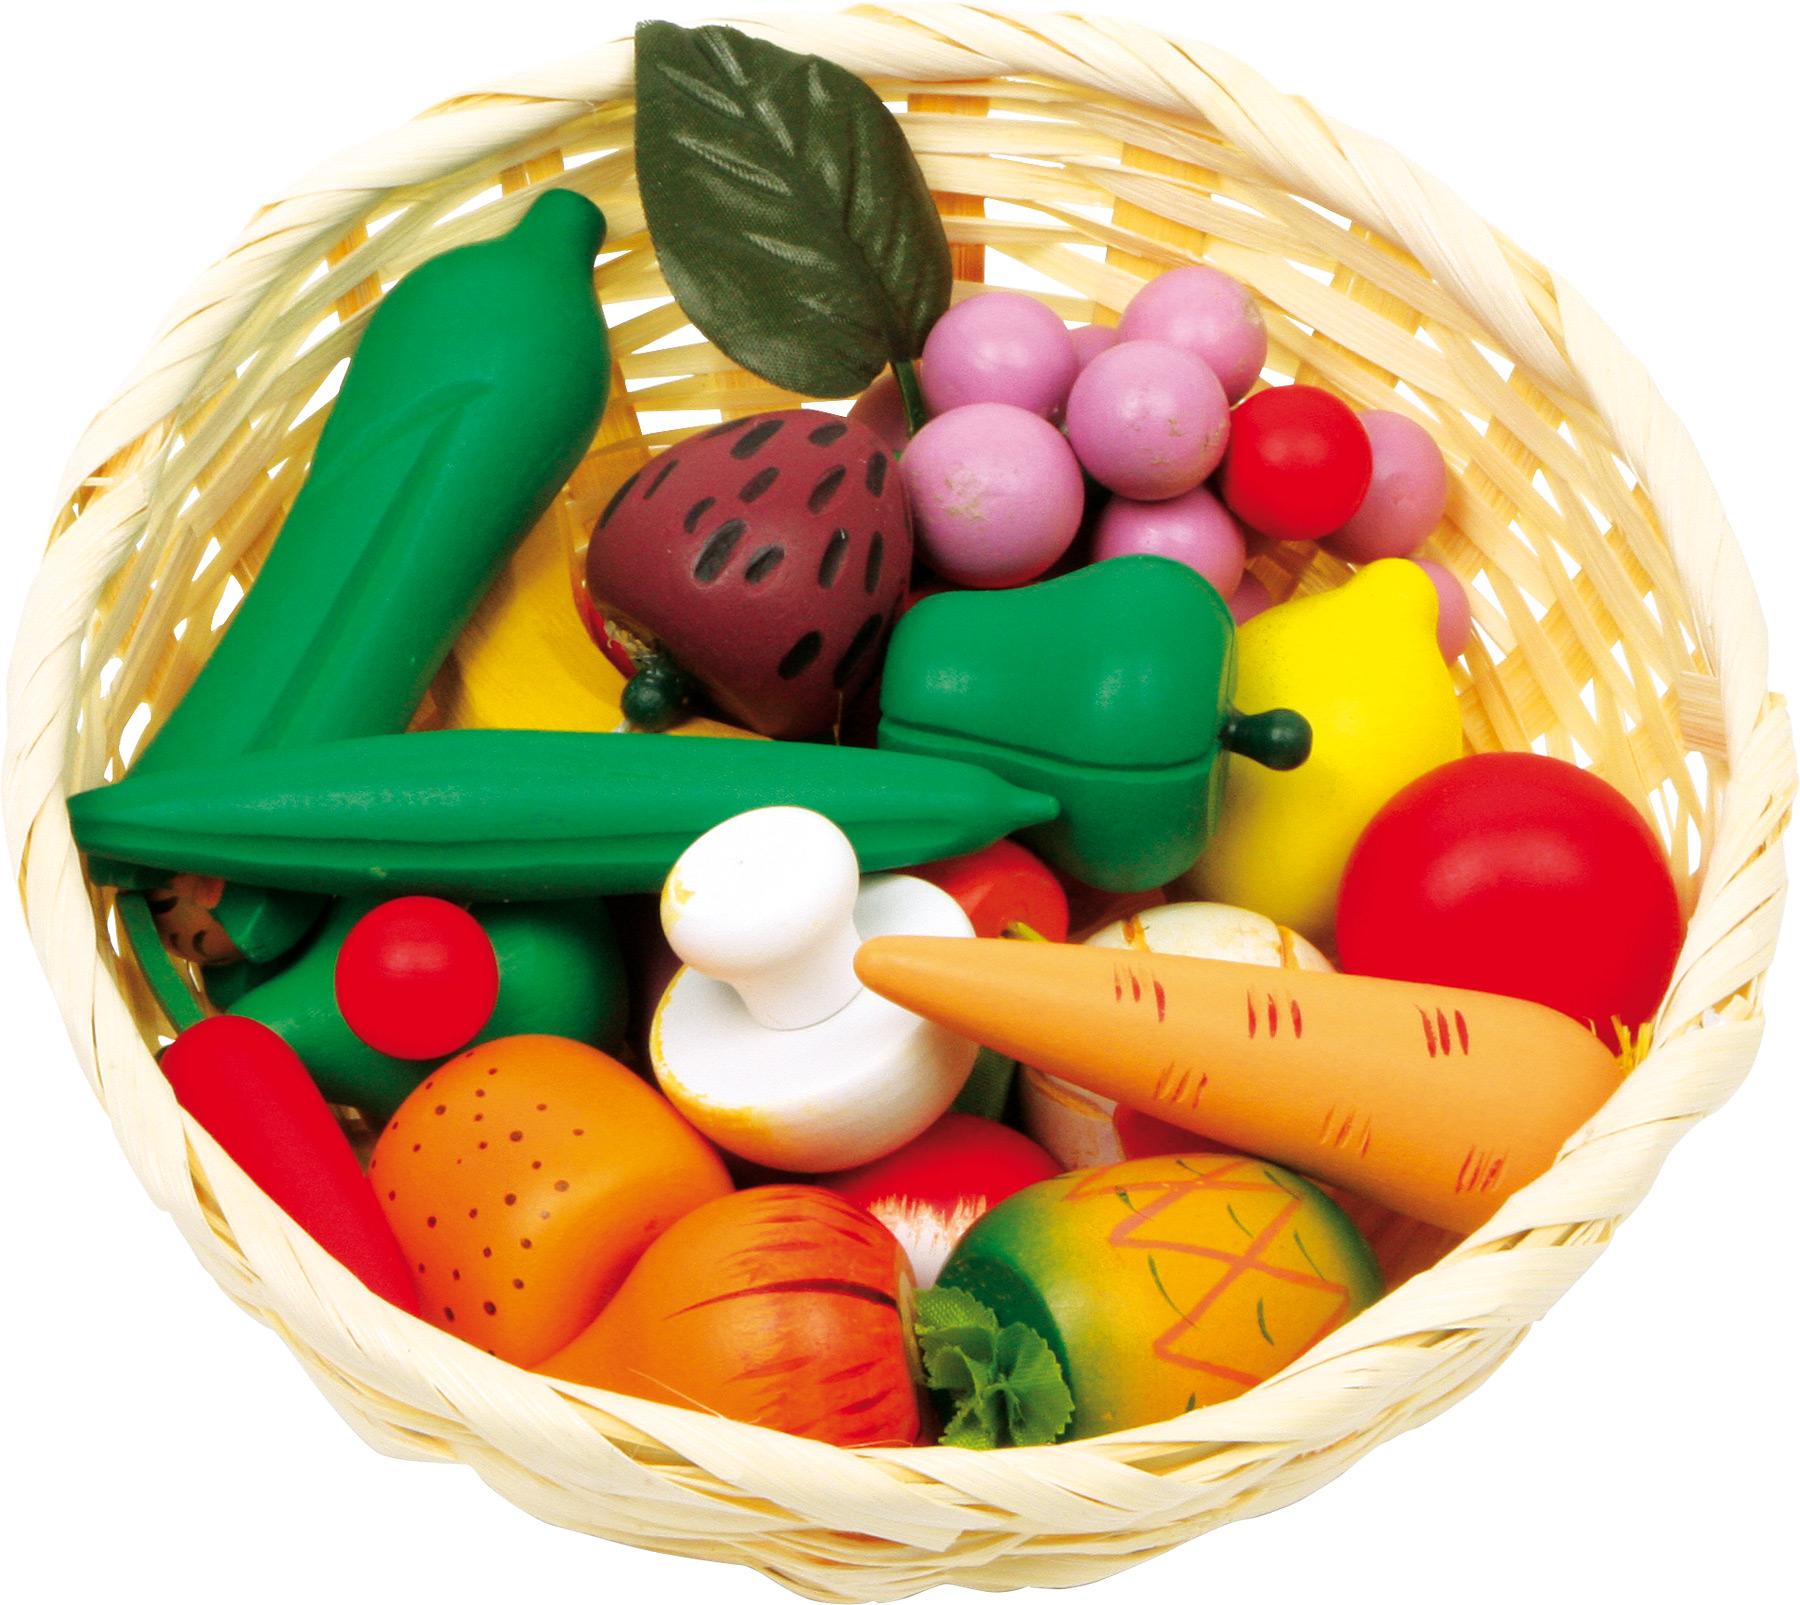 cestino di verdura in legno